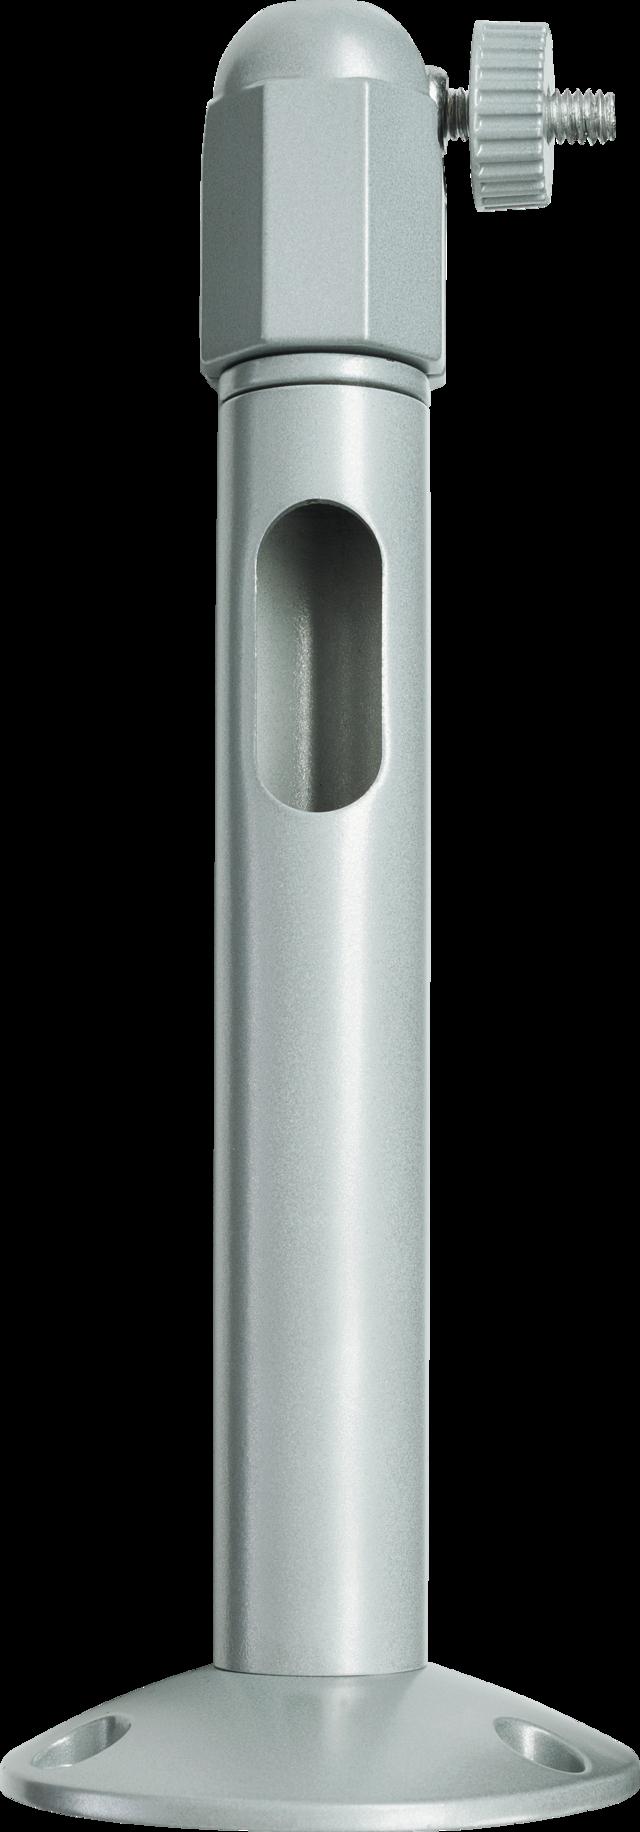 Kamerahalterung 215 mm Vorderansicht